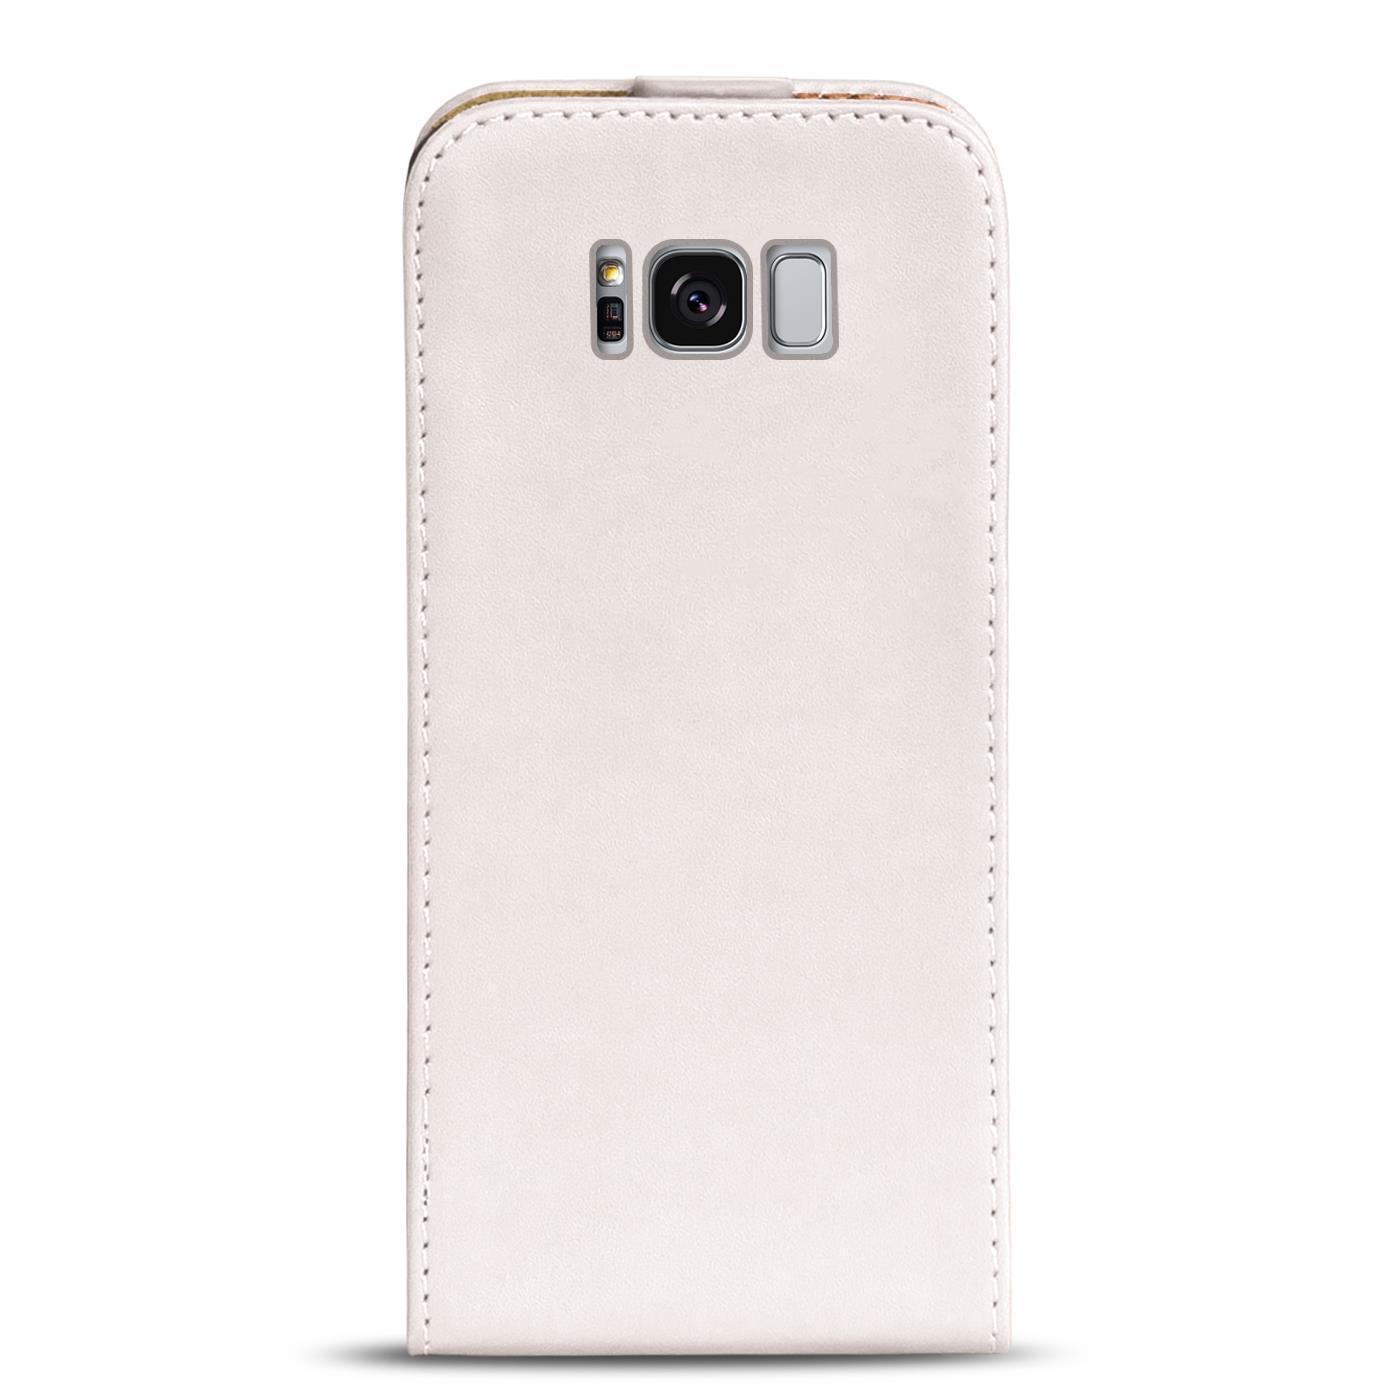 Klapphuelle-Samsung-Galaxy-Flip-Case-Tasche-Schutzhuelle-Cover-Schutz-Handy-Huelle Indexbild 33